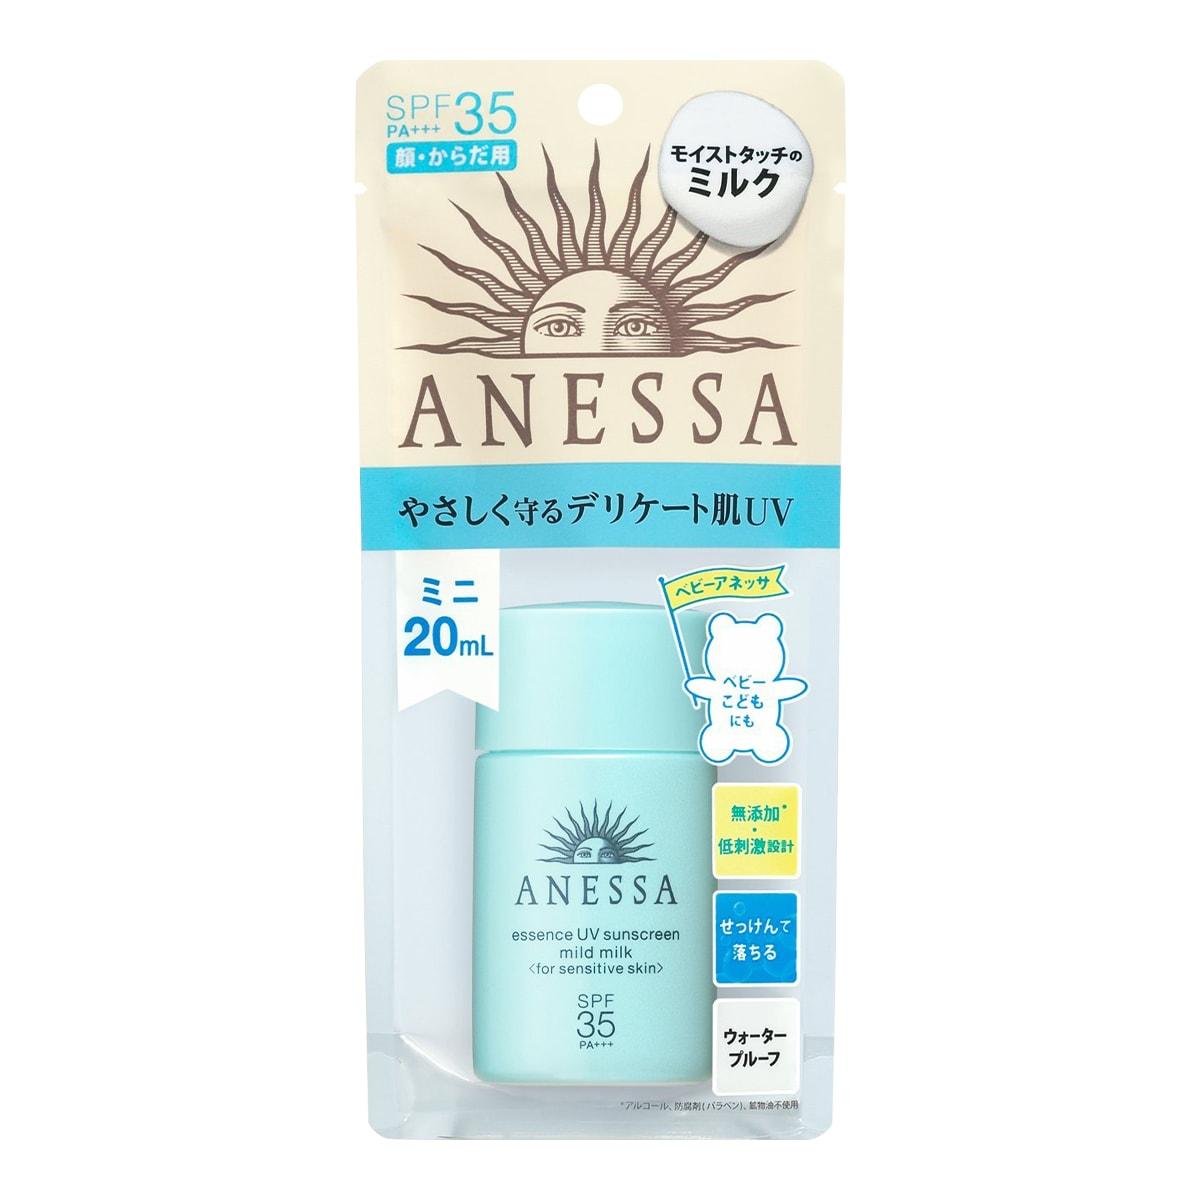 日本SHISEIDO资生堂 ANESSA安耐晒 蓝瓶水宝贝敏感肌超温和防晒霜 SPF35 PA+++ 20ml 孕妇宝宝可用 2018版